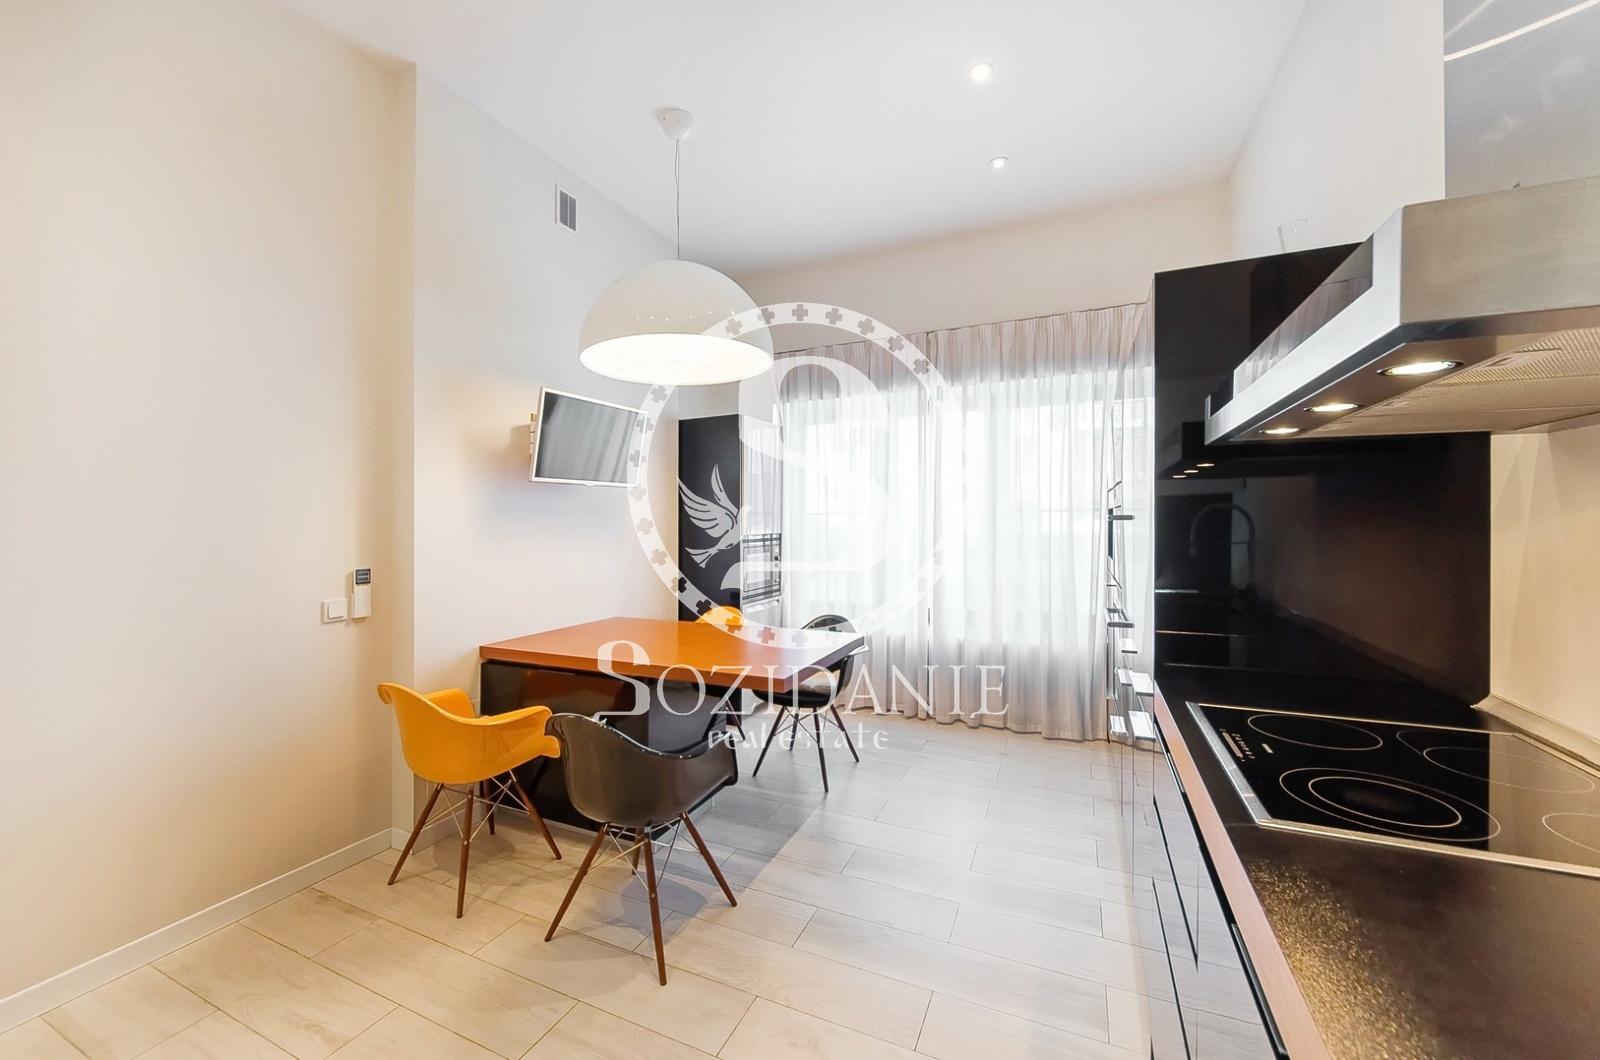 3 Bedrooms, Загородная, Продажа, Listing ID 1512, Московская область, Россия,